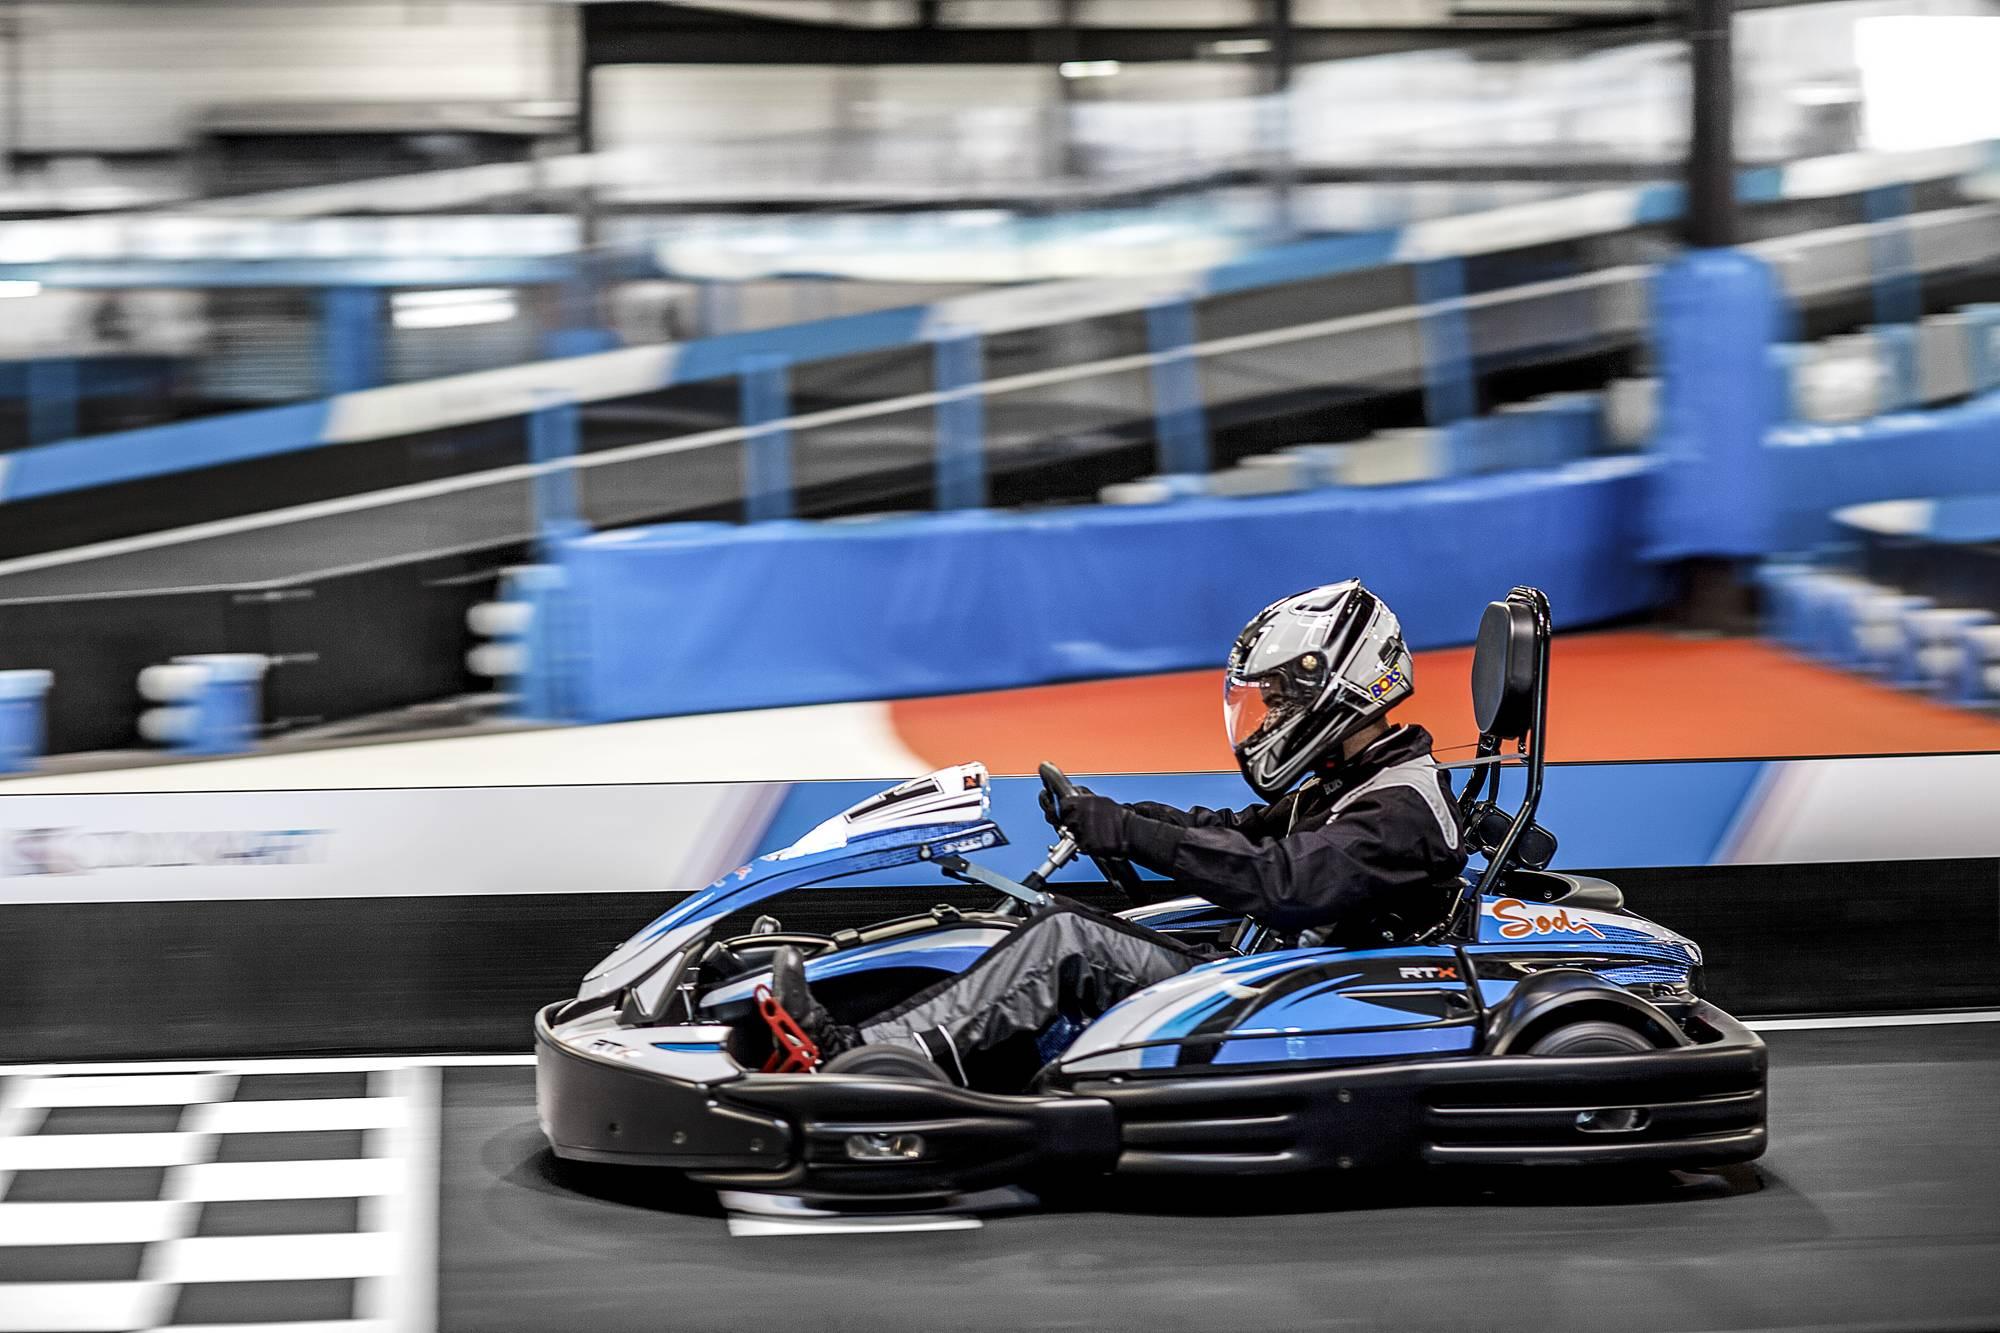 piste de karting indoor in lyon